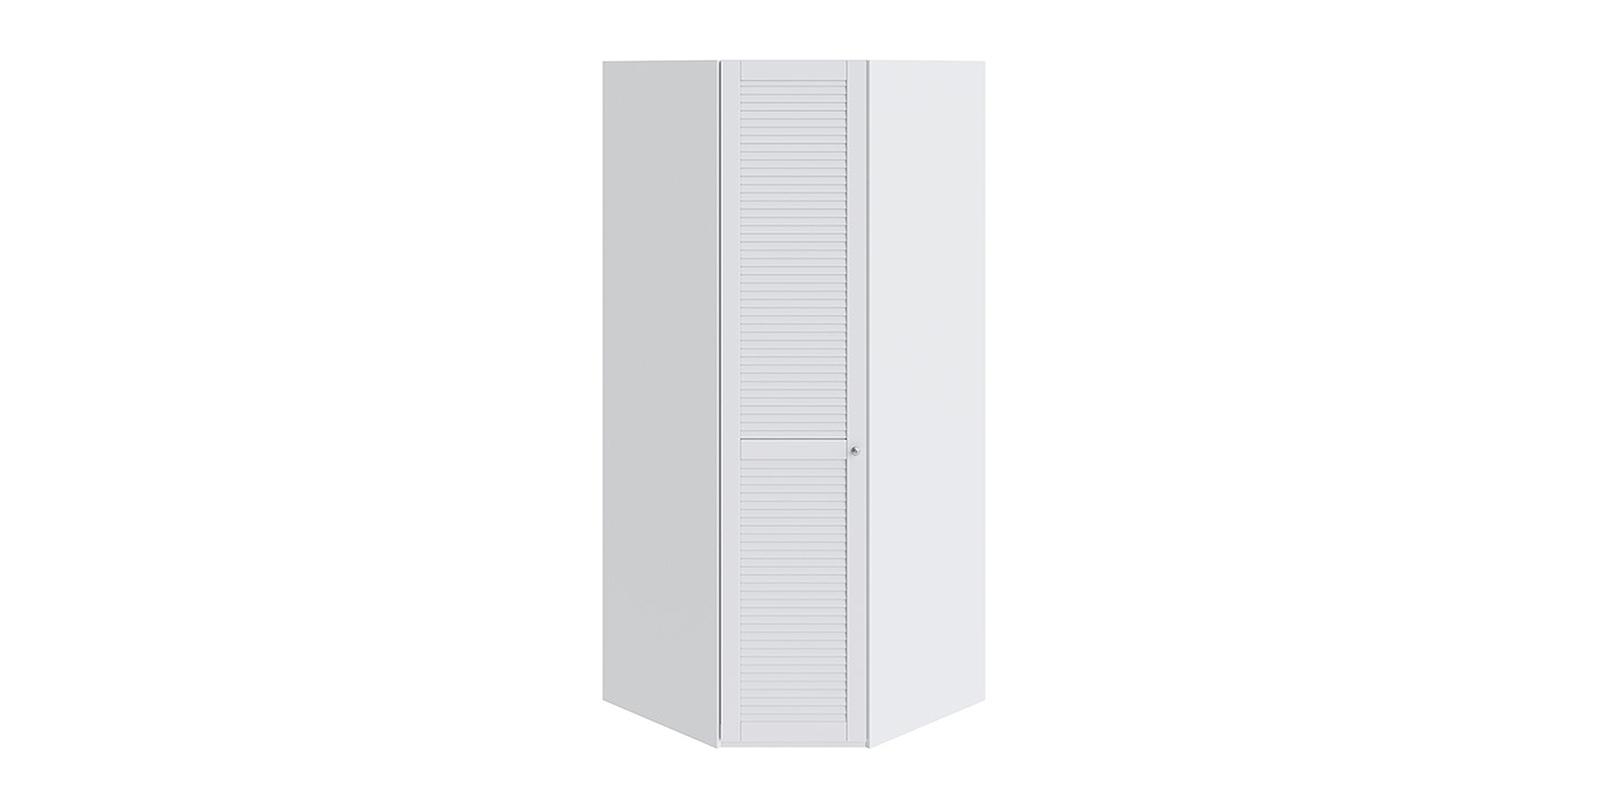 Шкаф распашной угловой Мерида вариант №1 левый (белый)